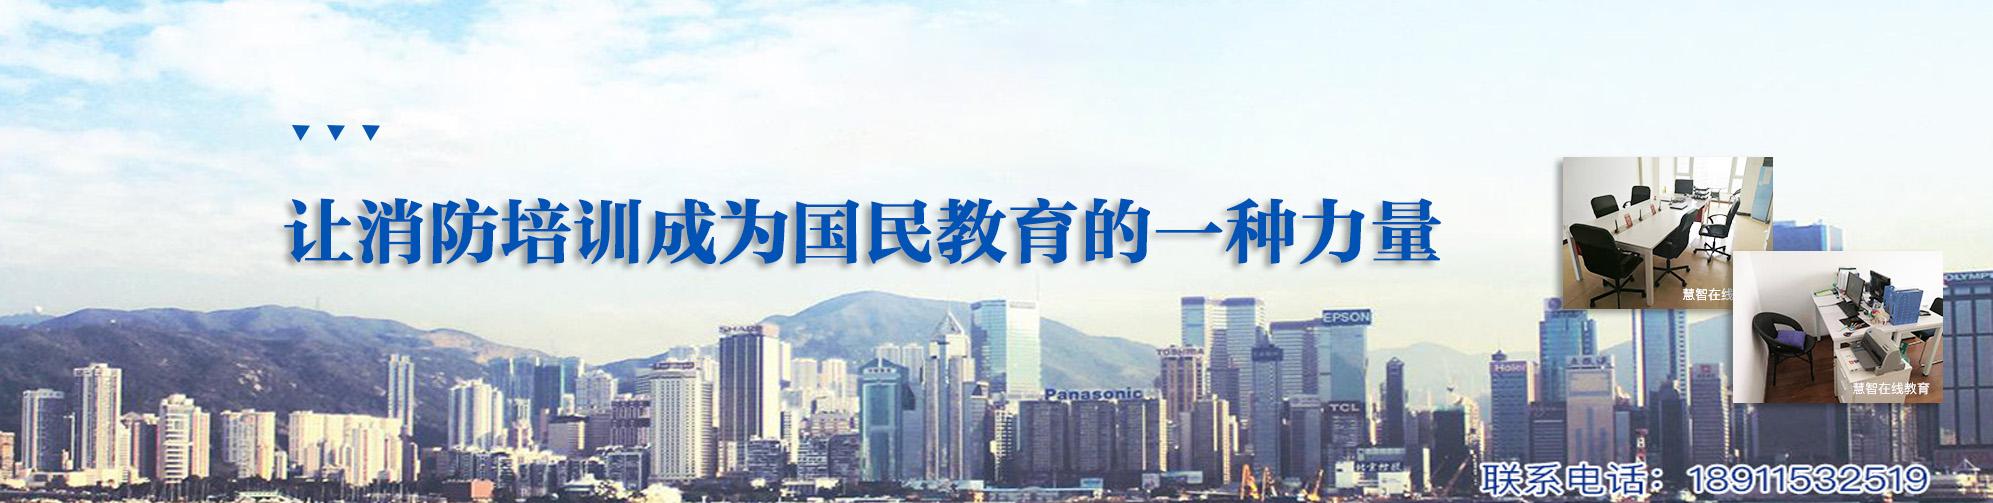 北京消防工程师培训